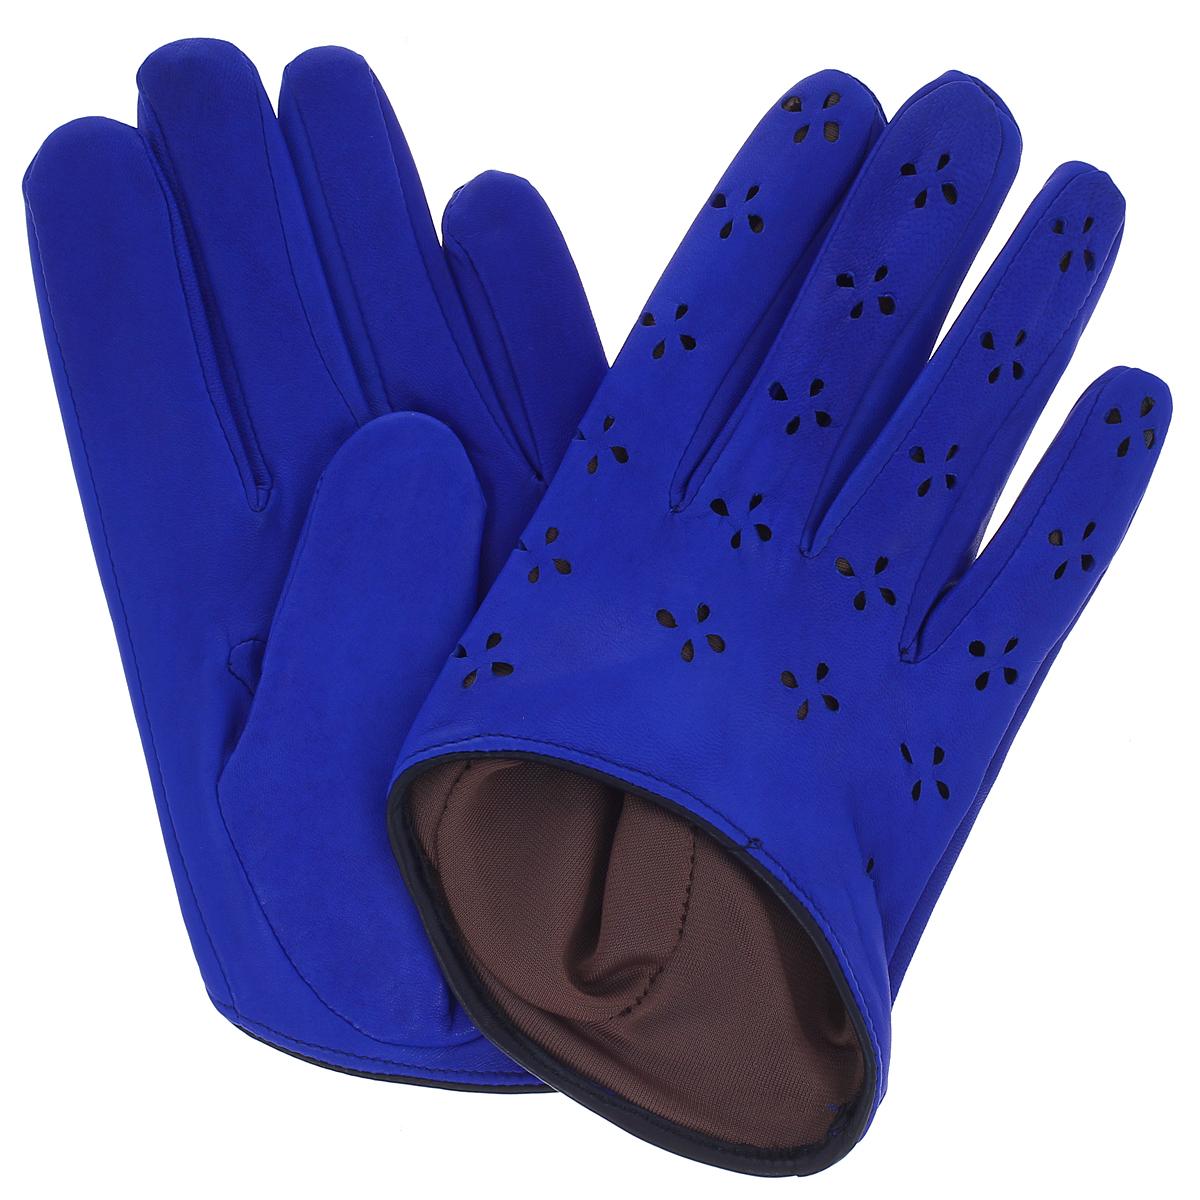 K81-H1/ELСтильные перчатки Michel Katana с шелковой подкладкой выполнены из мягкой и приятной на ощупь натуральной кожи ягненка и оформлены декоративной перфорацией. Перчатки станут достойным элементом вашего стиля и сохранят тепло ваших рук. Это не просто модный аксессуар, но и уникальный авторский стиль, наполненный духом севера Франции.